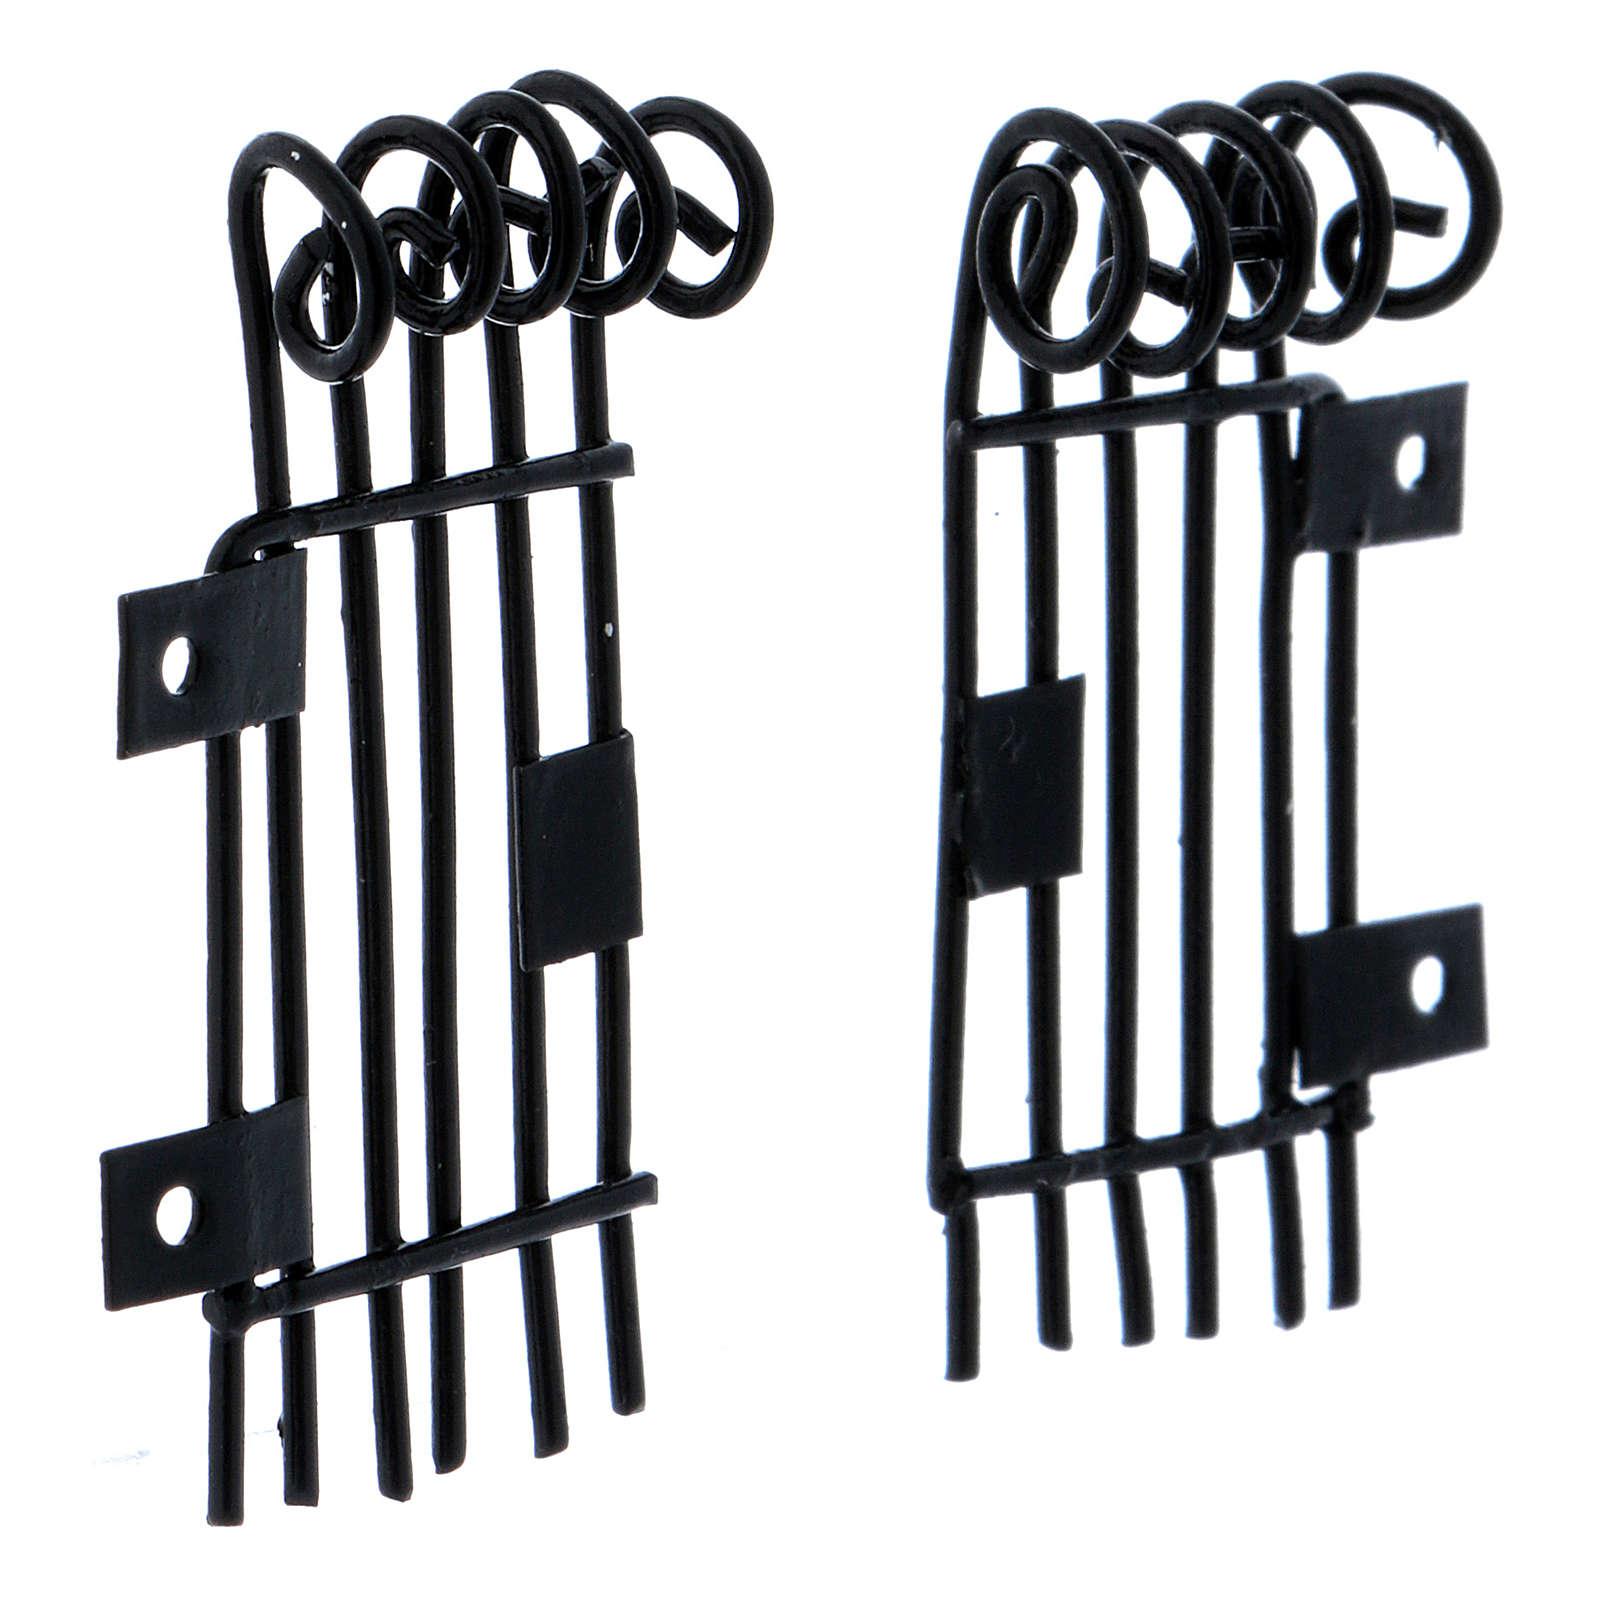 Kraty otwierane prostokątne h 3,7 długość 2 cm 4